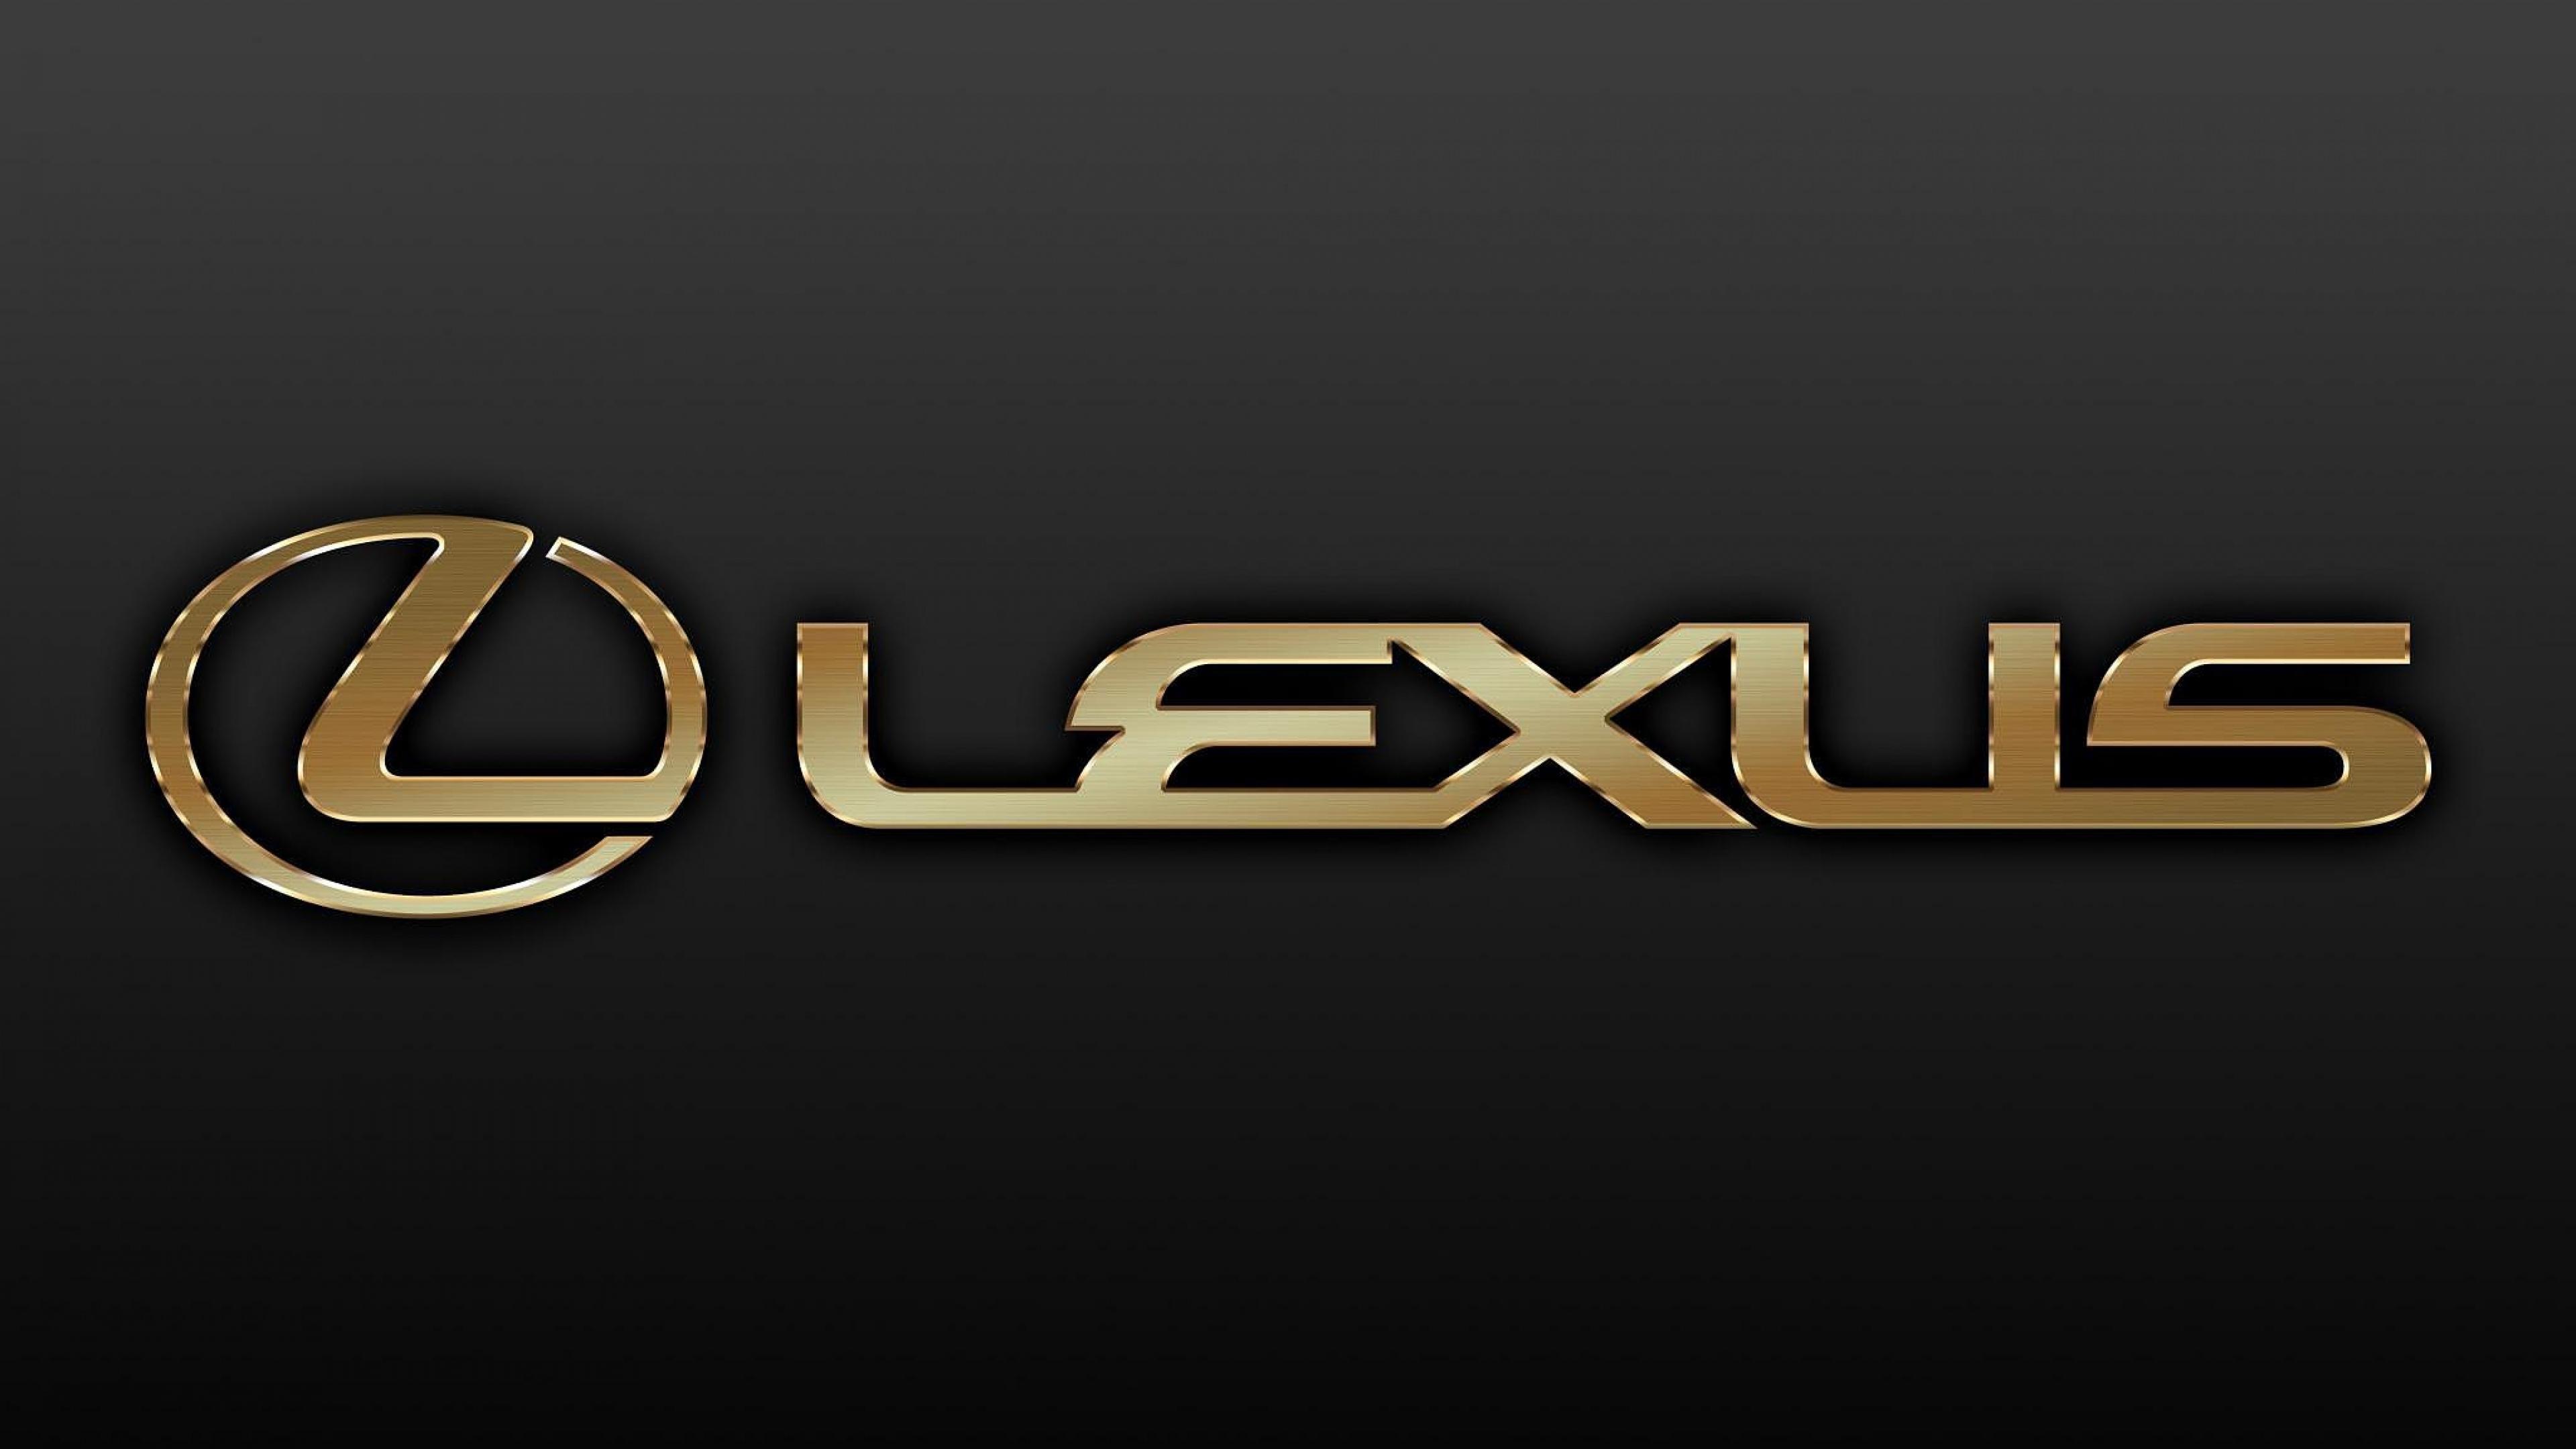 картинки логотип лексус исполнитель армейских, дворовых